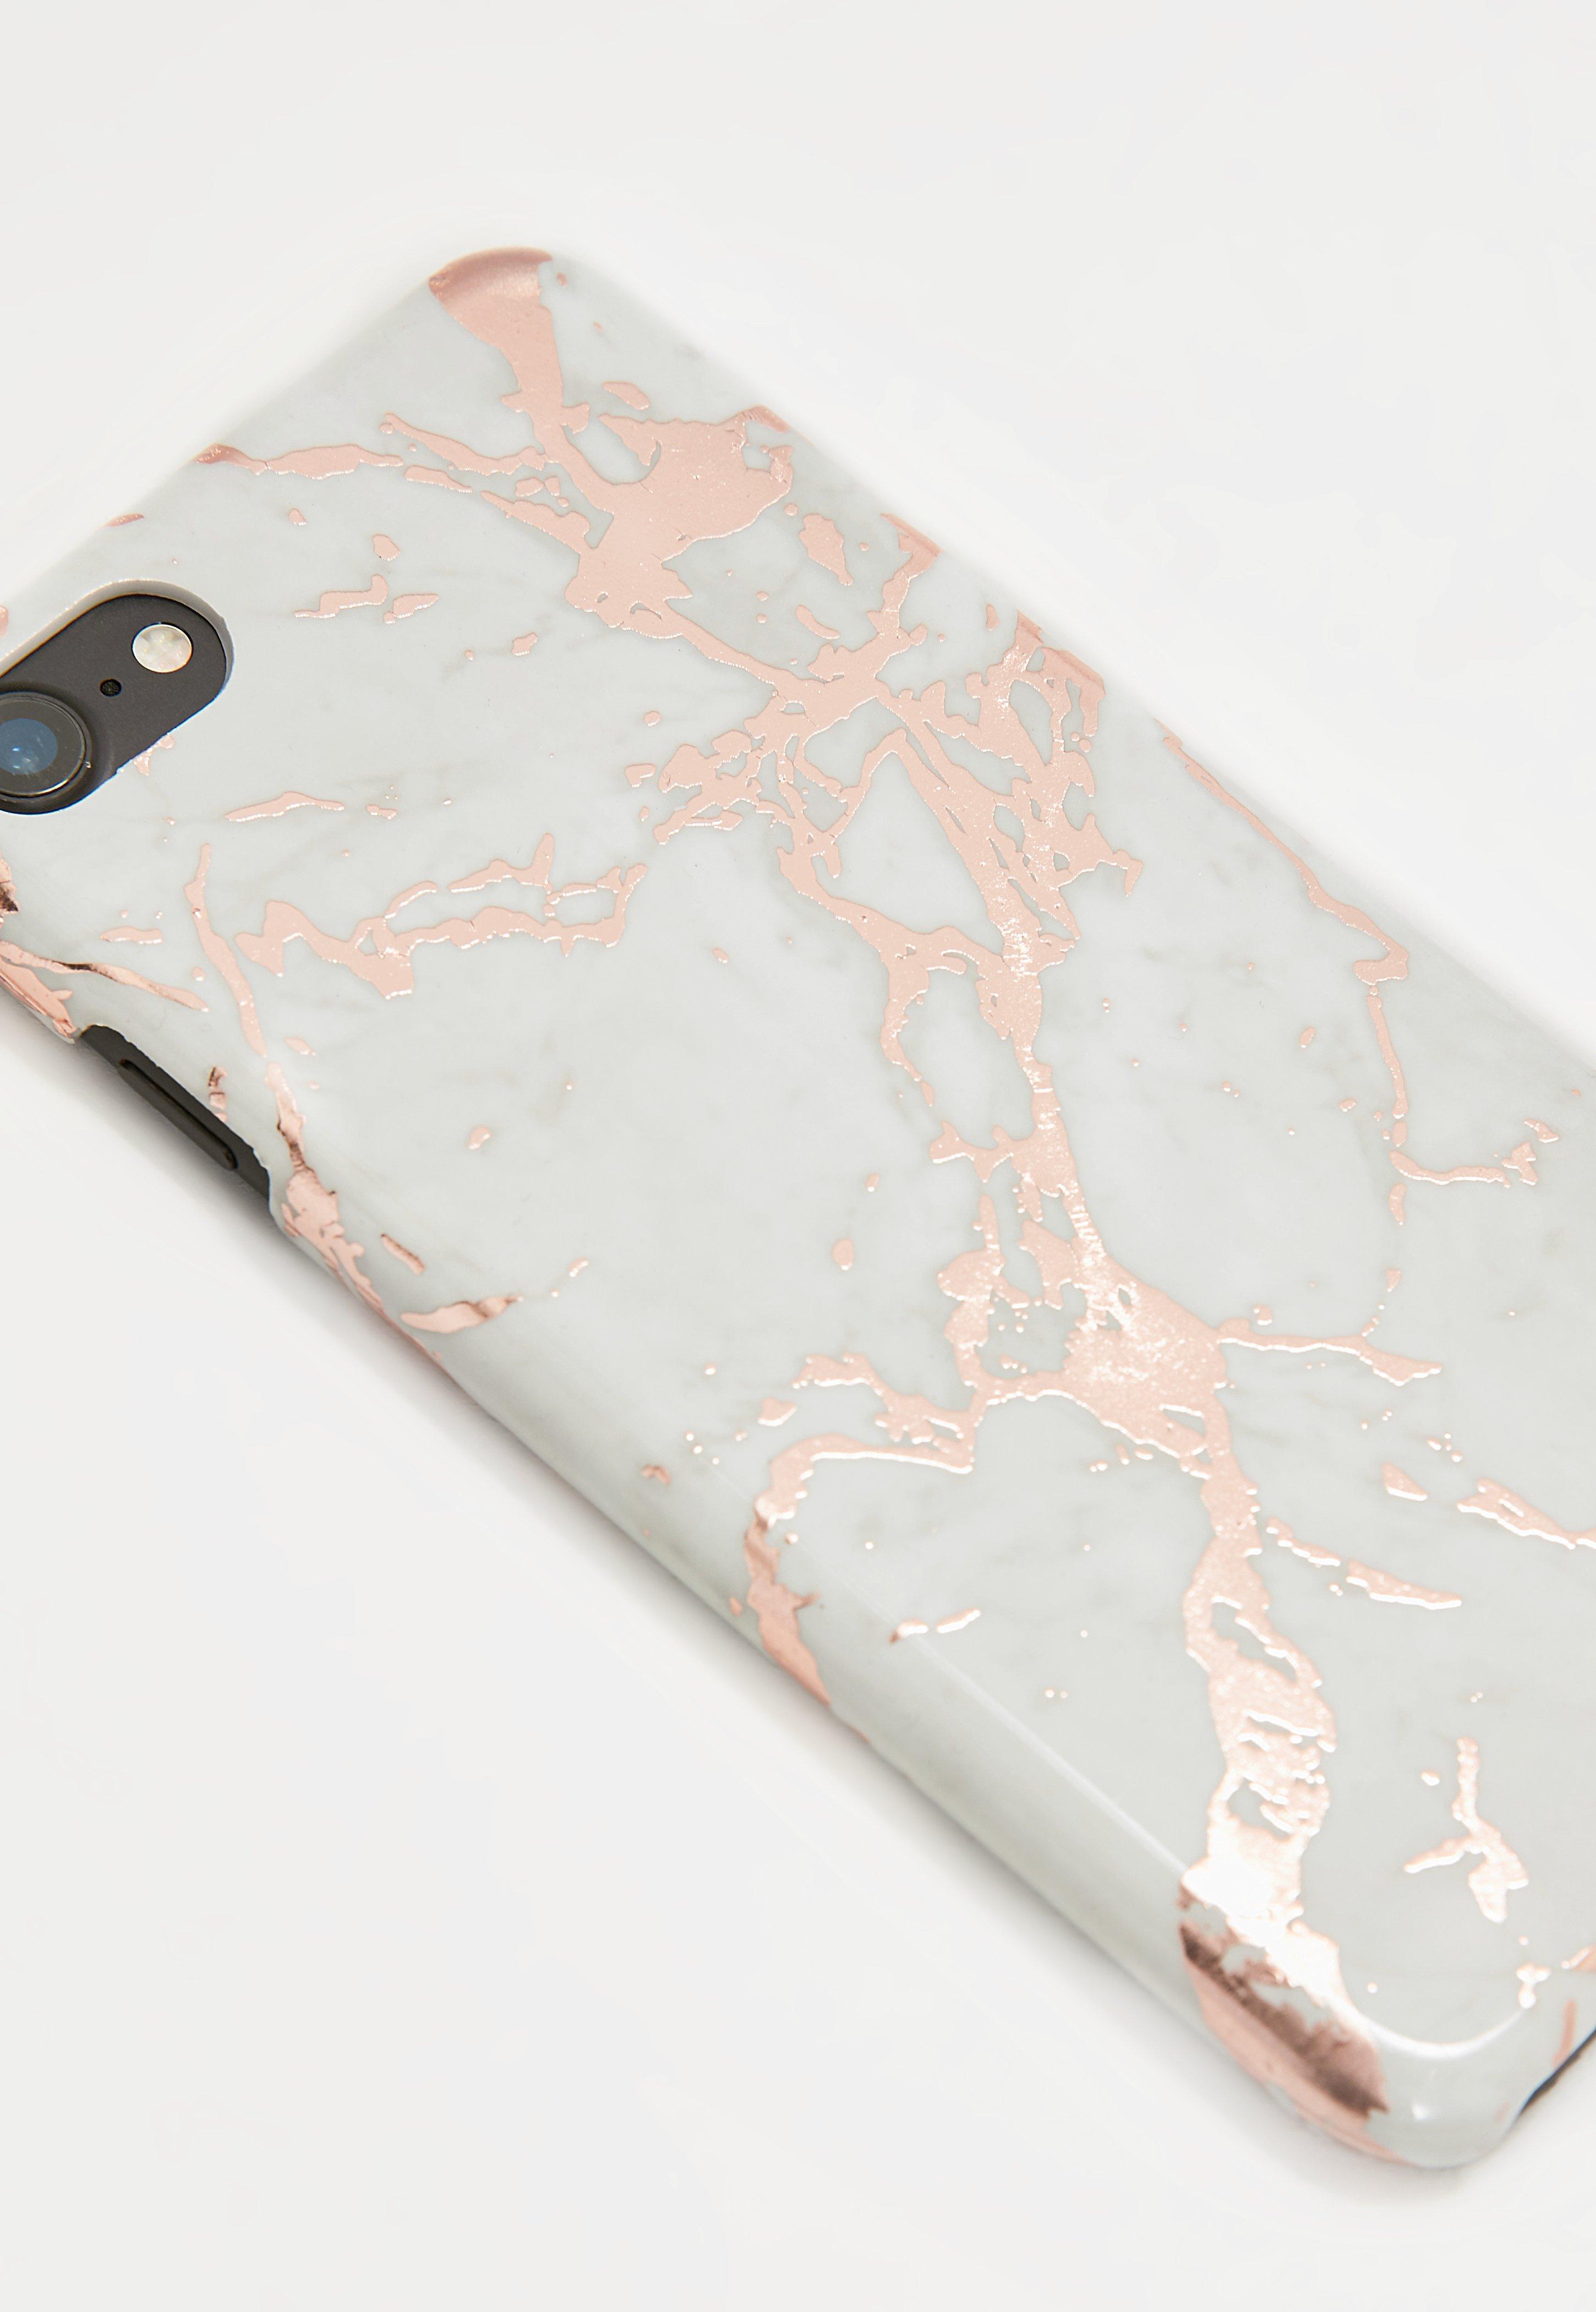 coque rose gold iphone 6 marbre